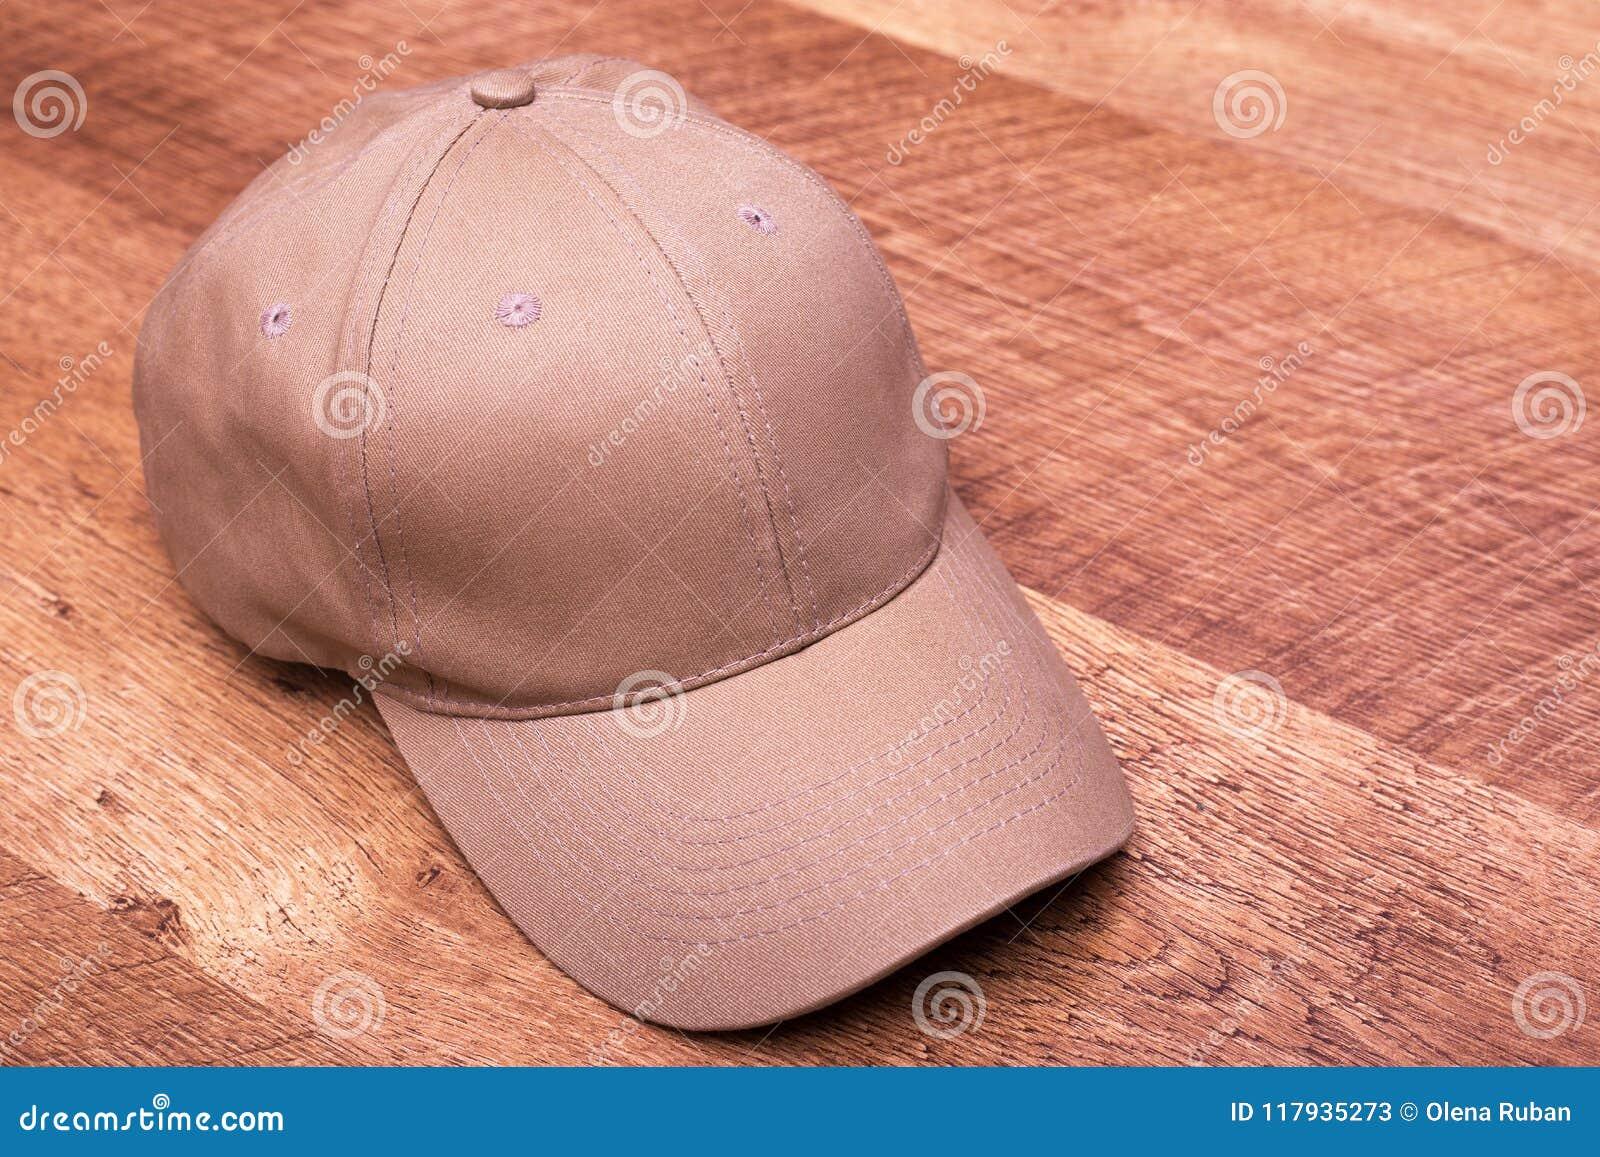 Beige cap on laminate